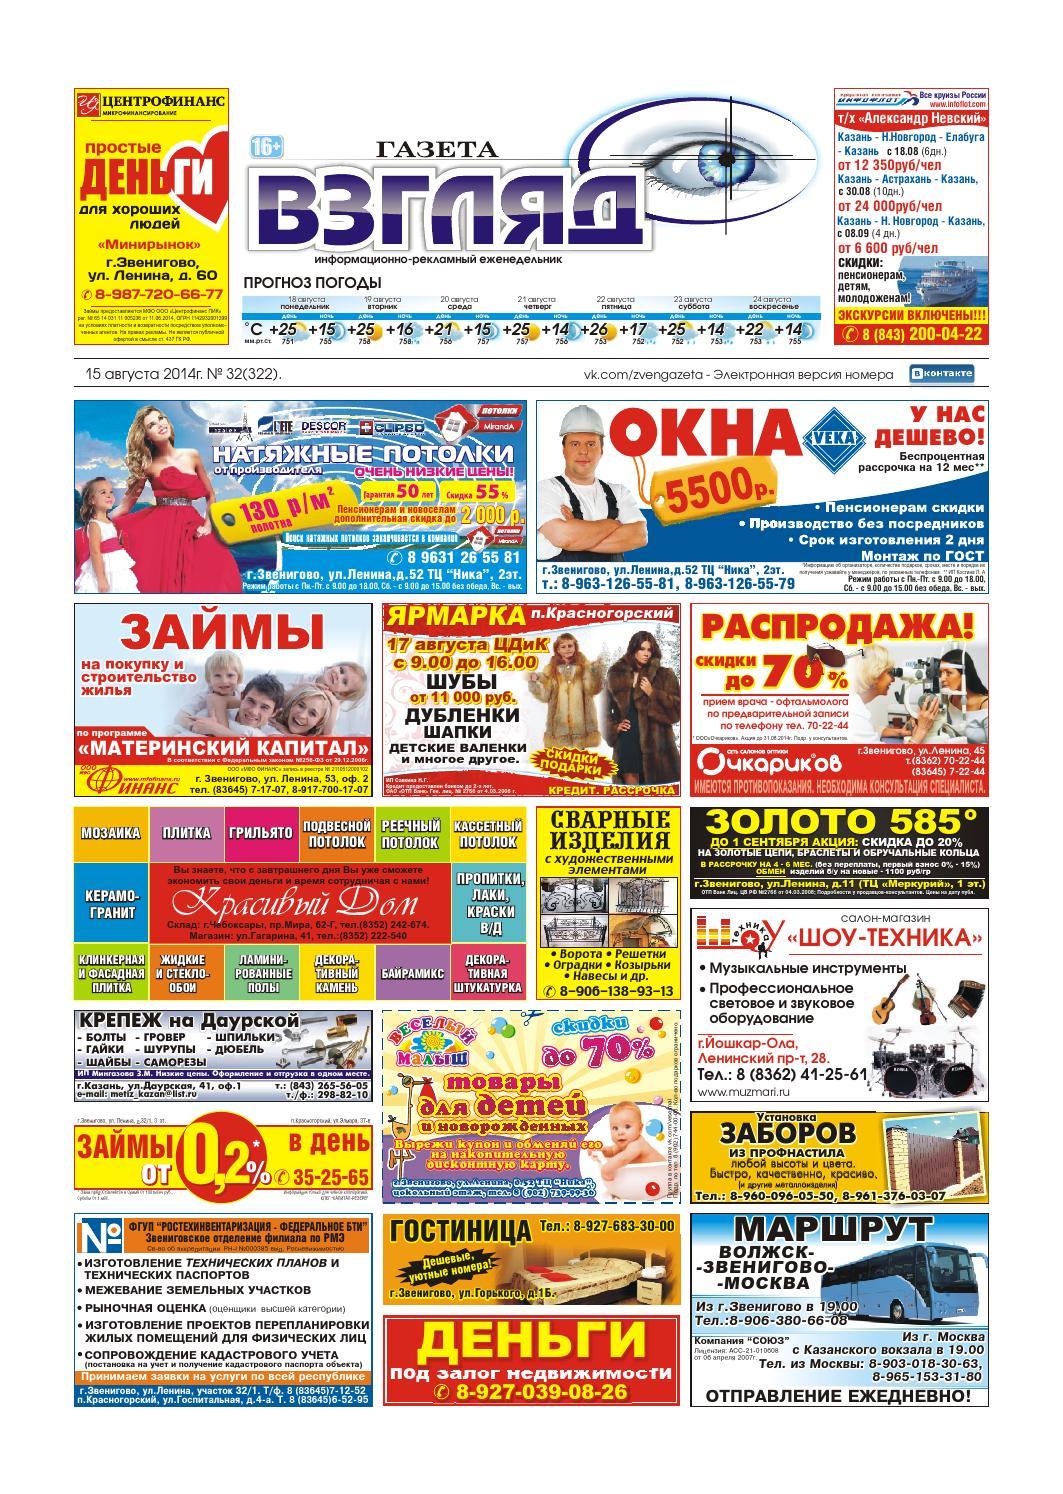 марий знакомства газета эл объявления